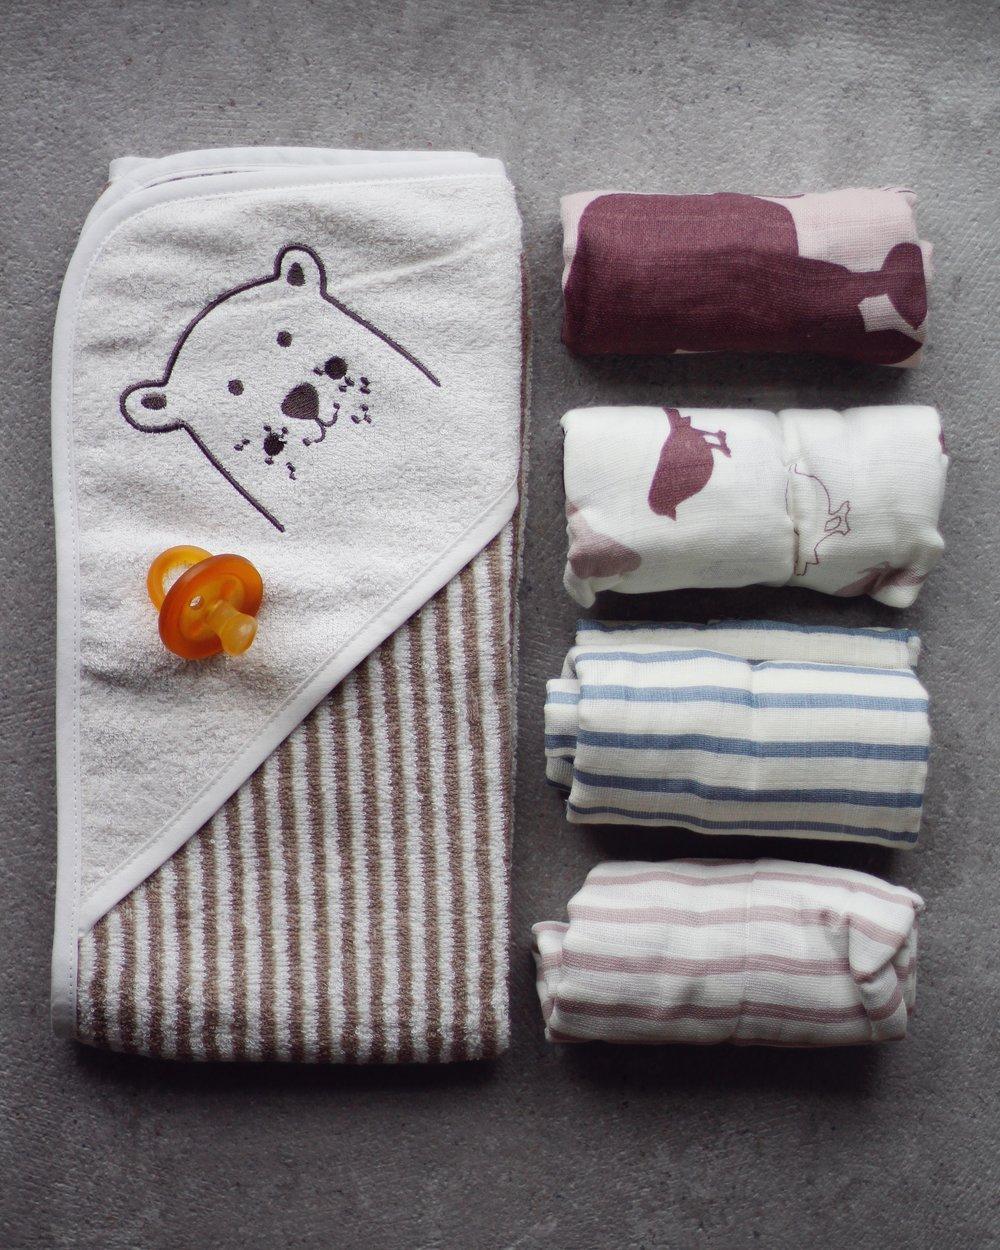 GOTS-märkt handduk med huva, 79.90. 75x75 cm. GOTS-märkta muslinfiltar i 3-pack, 99.90. 78x78 cm.